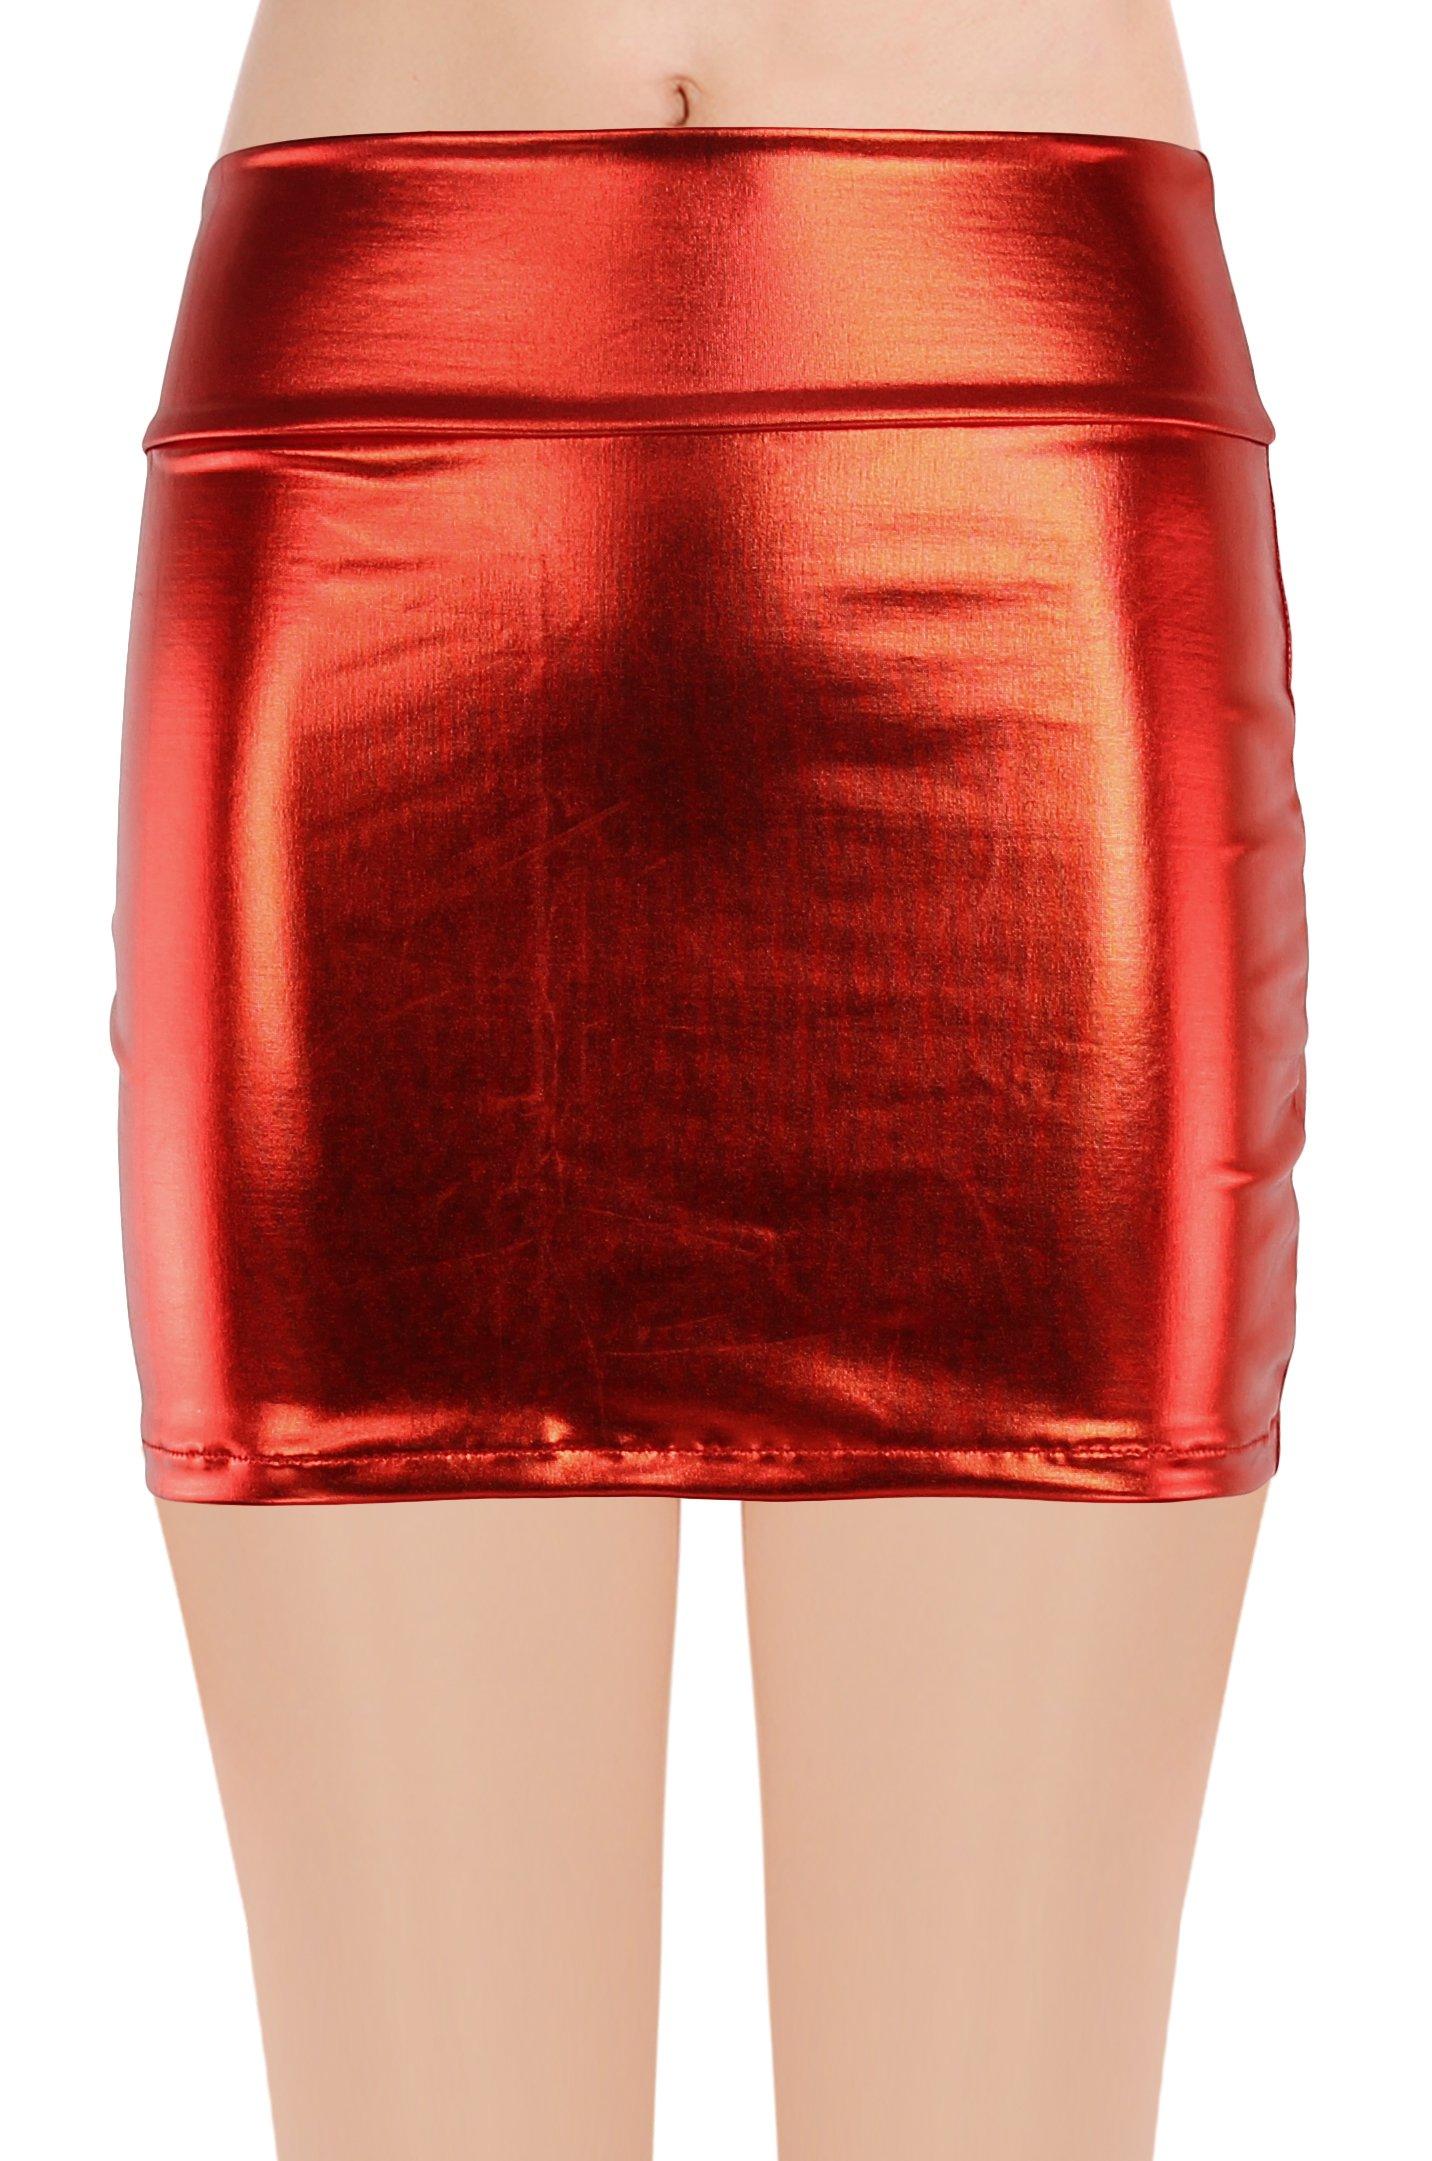 JustinCostume Women's Shiny Metallic Liquid Short Mini Skirt (M, Red)